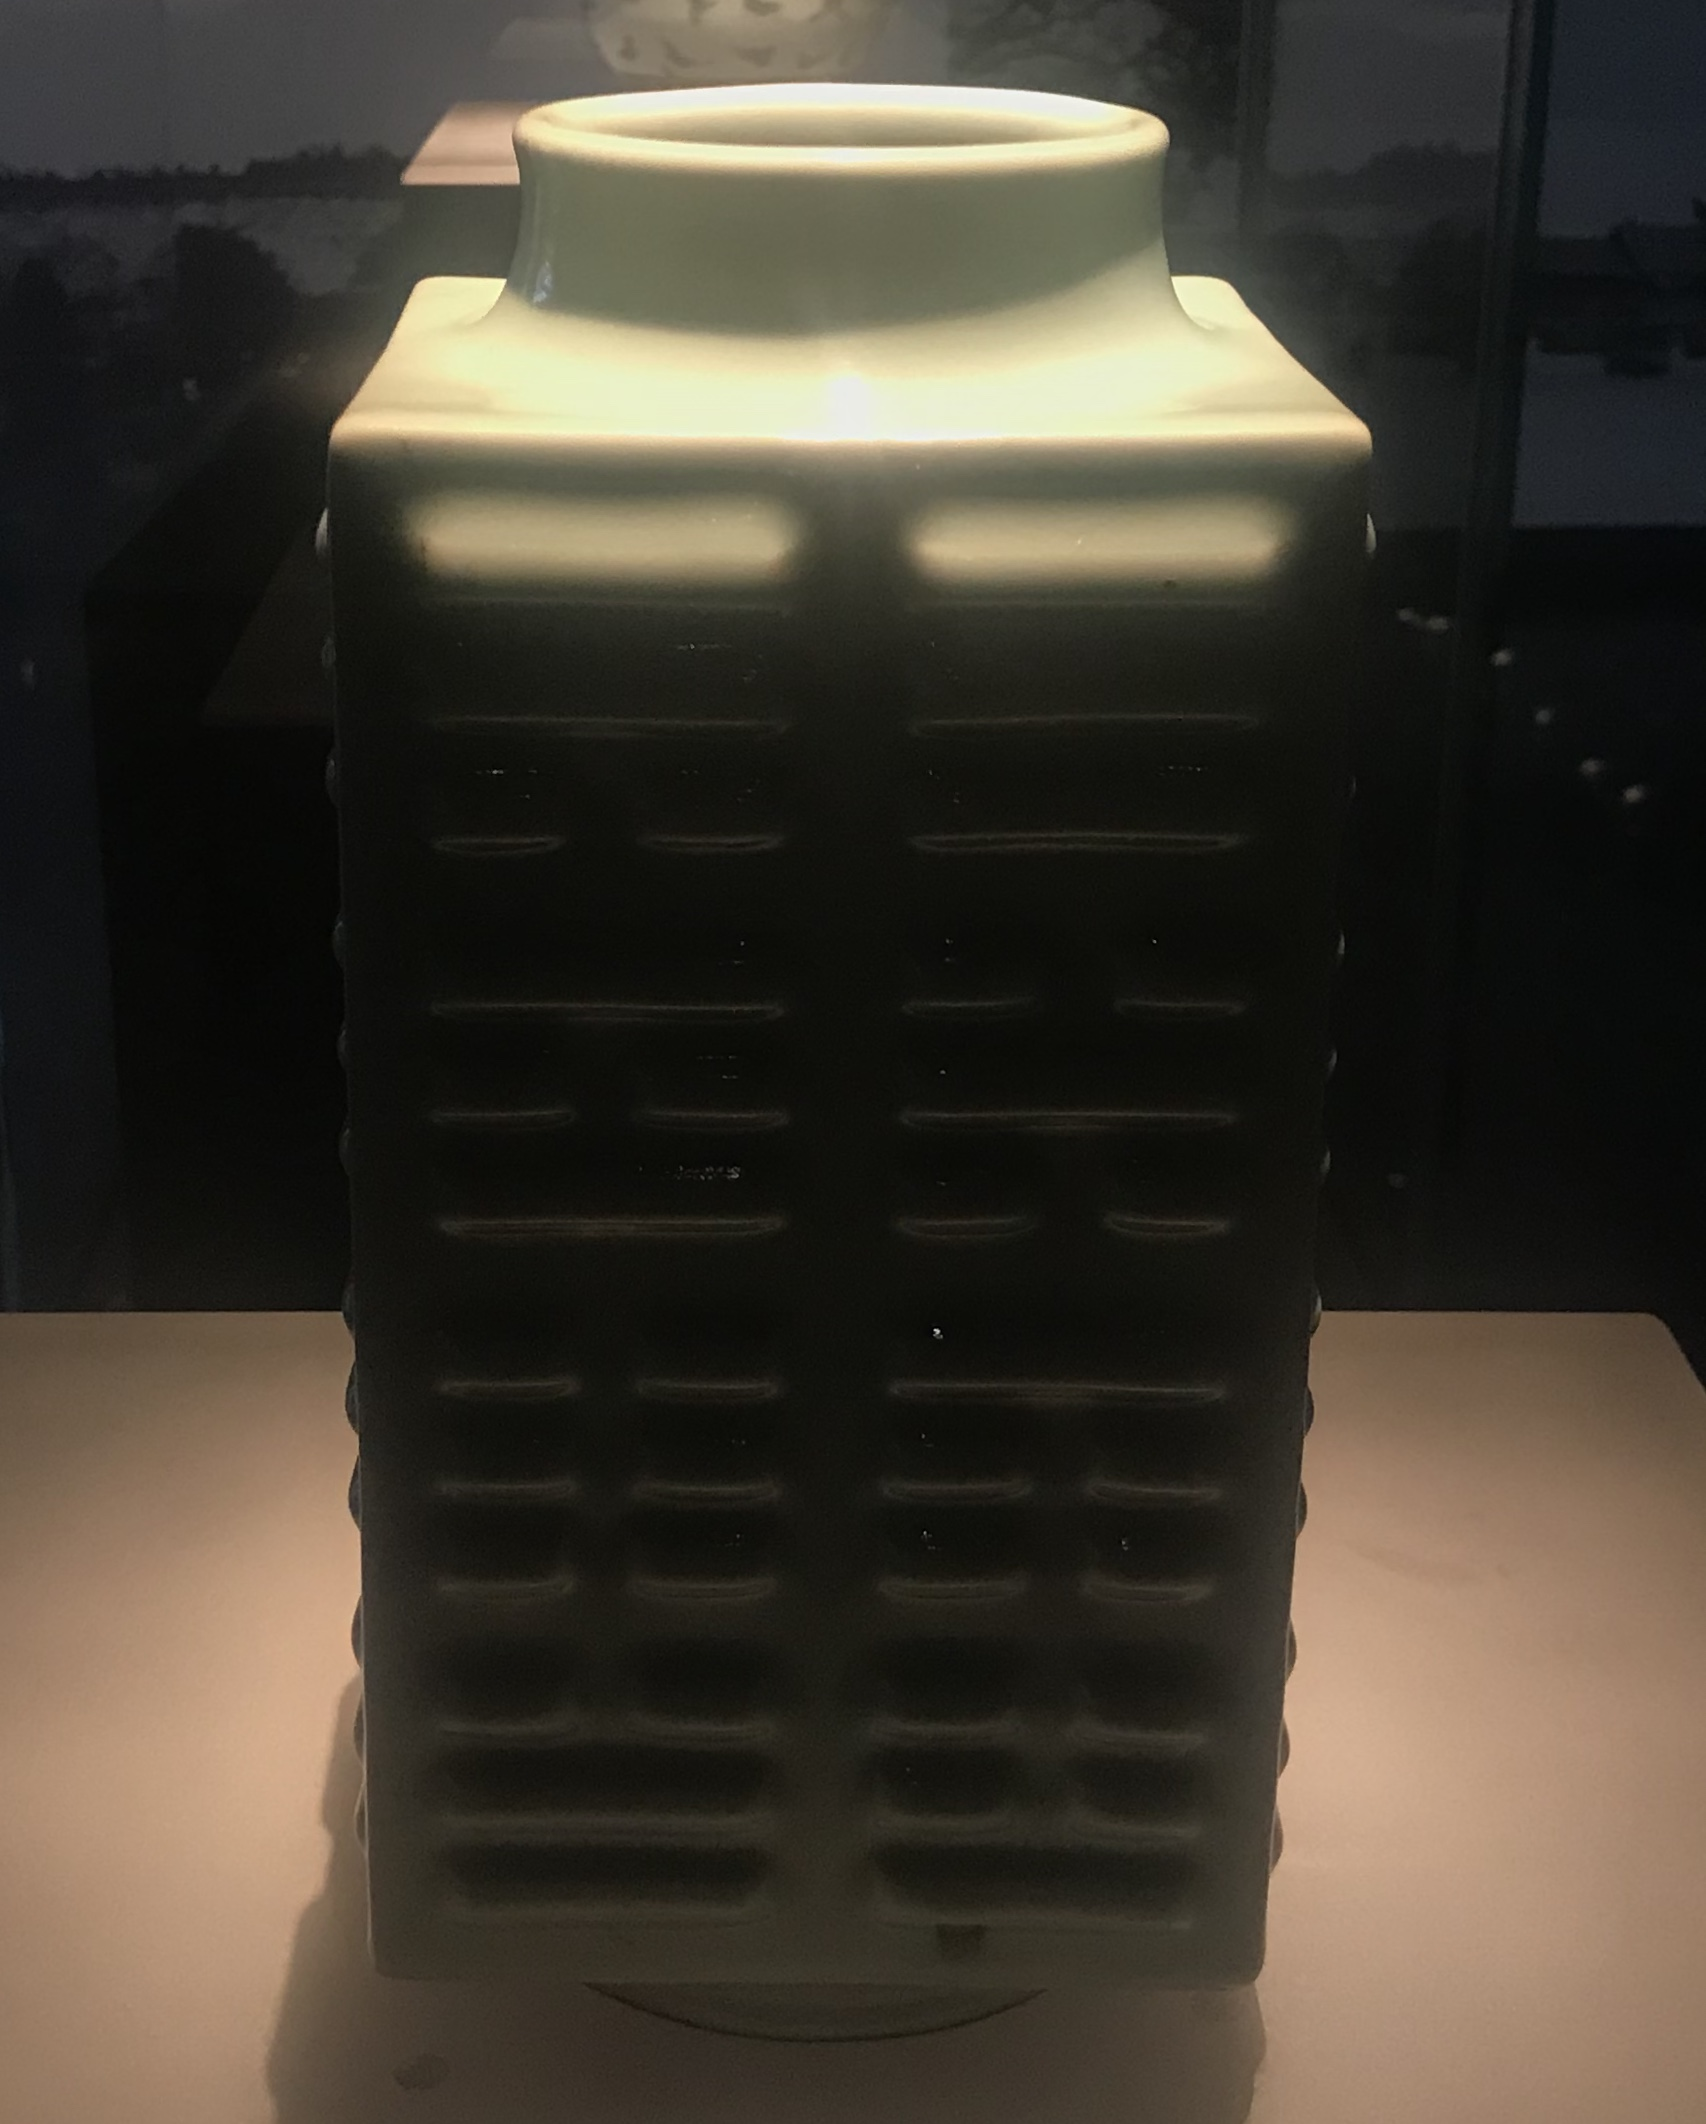 青花纏枝蓮紋磁双耳瓶-明清時代-常設展F3-成都博物館